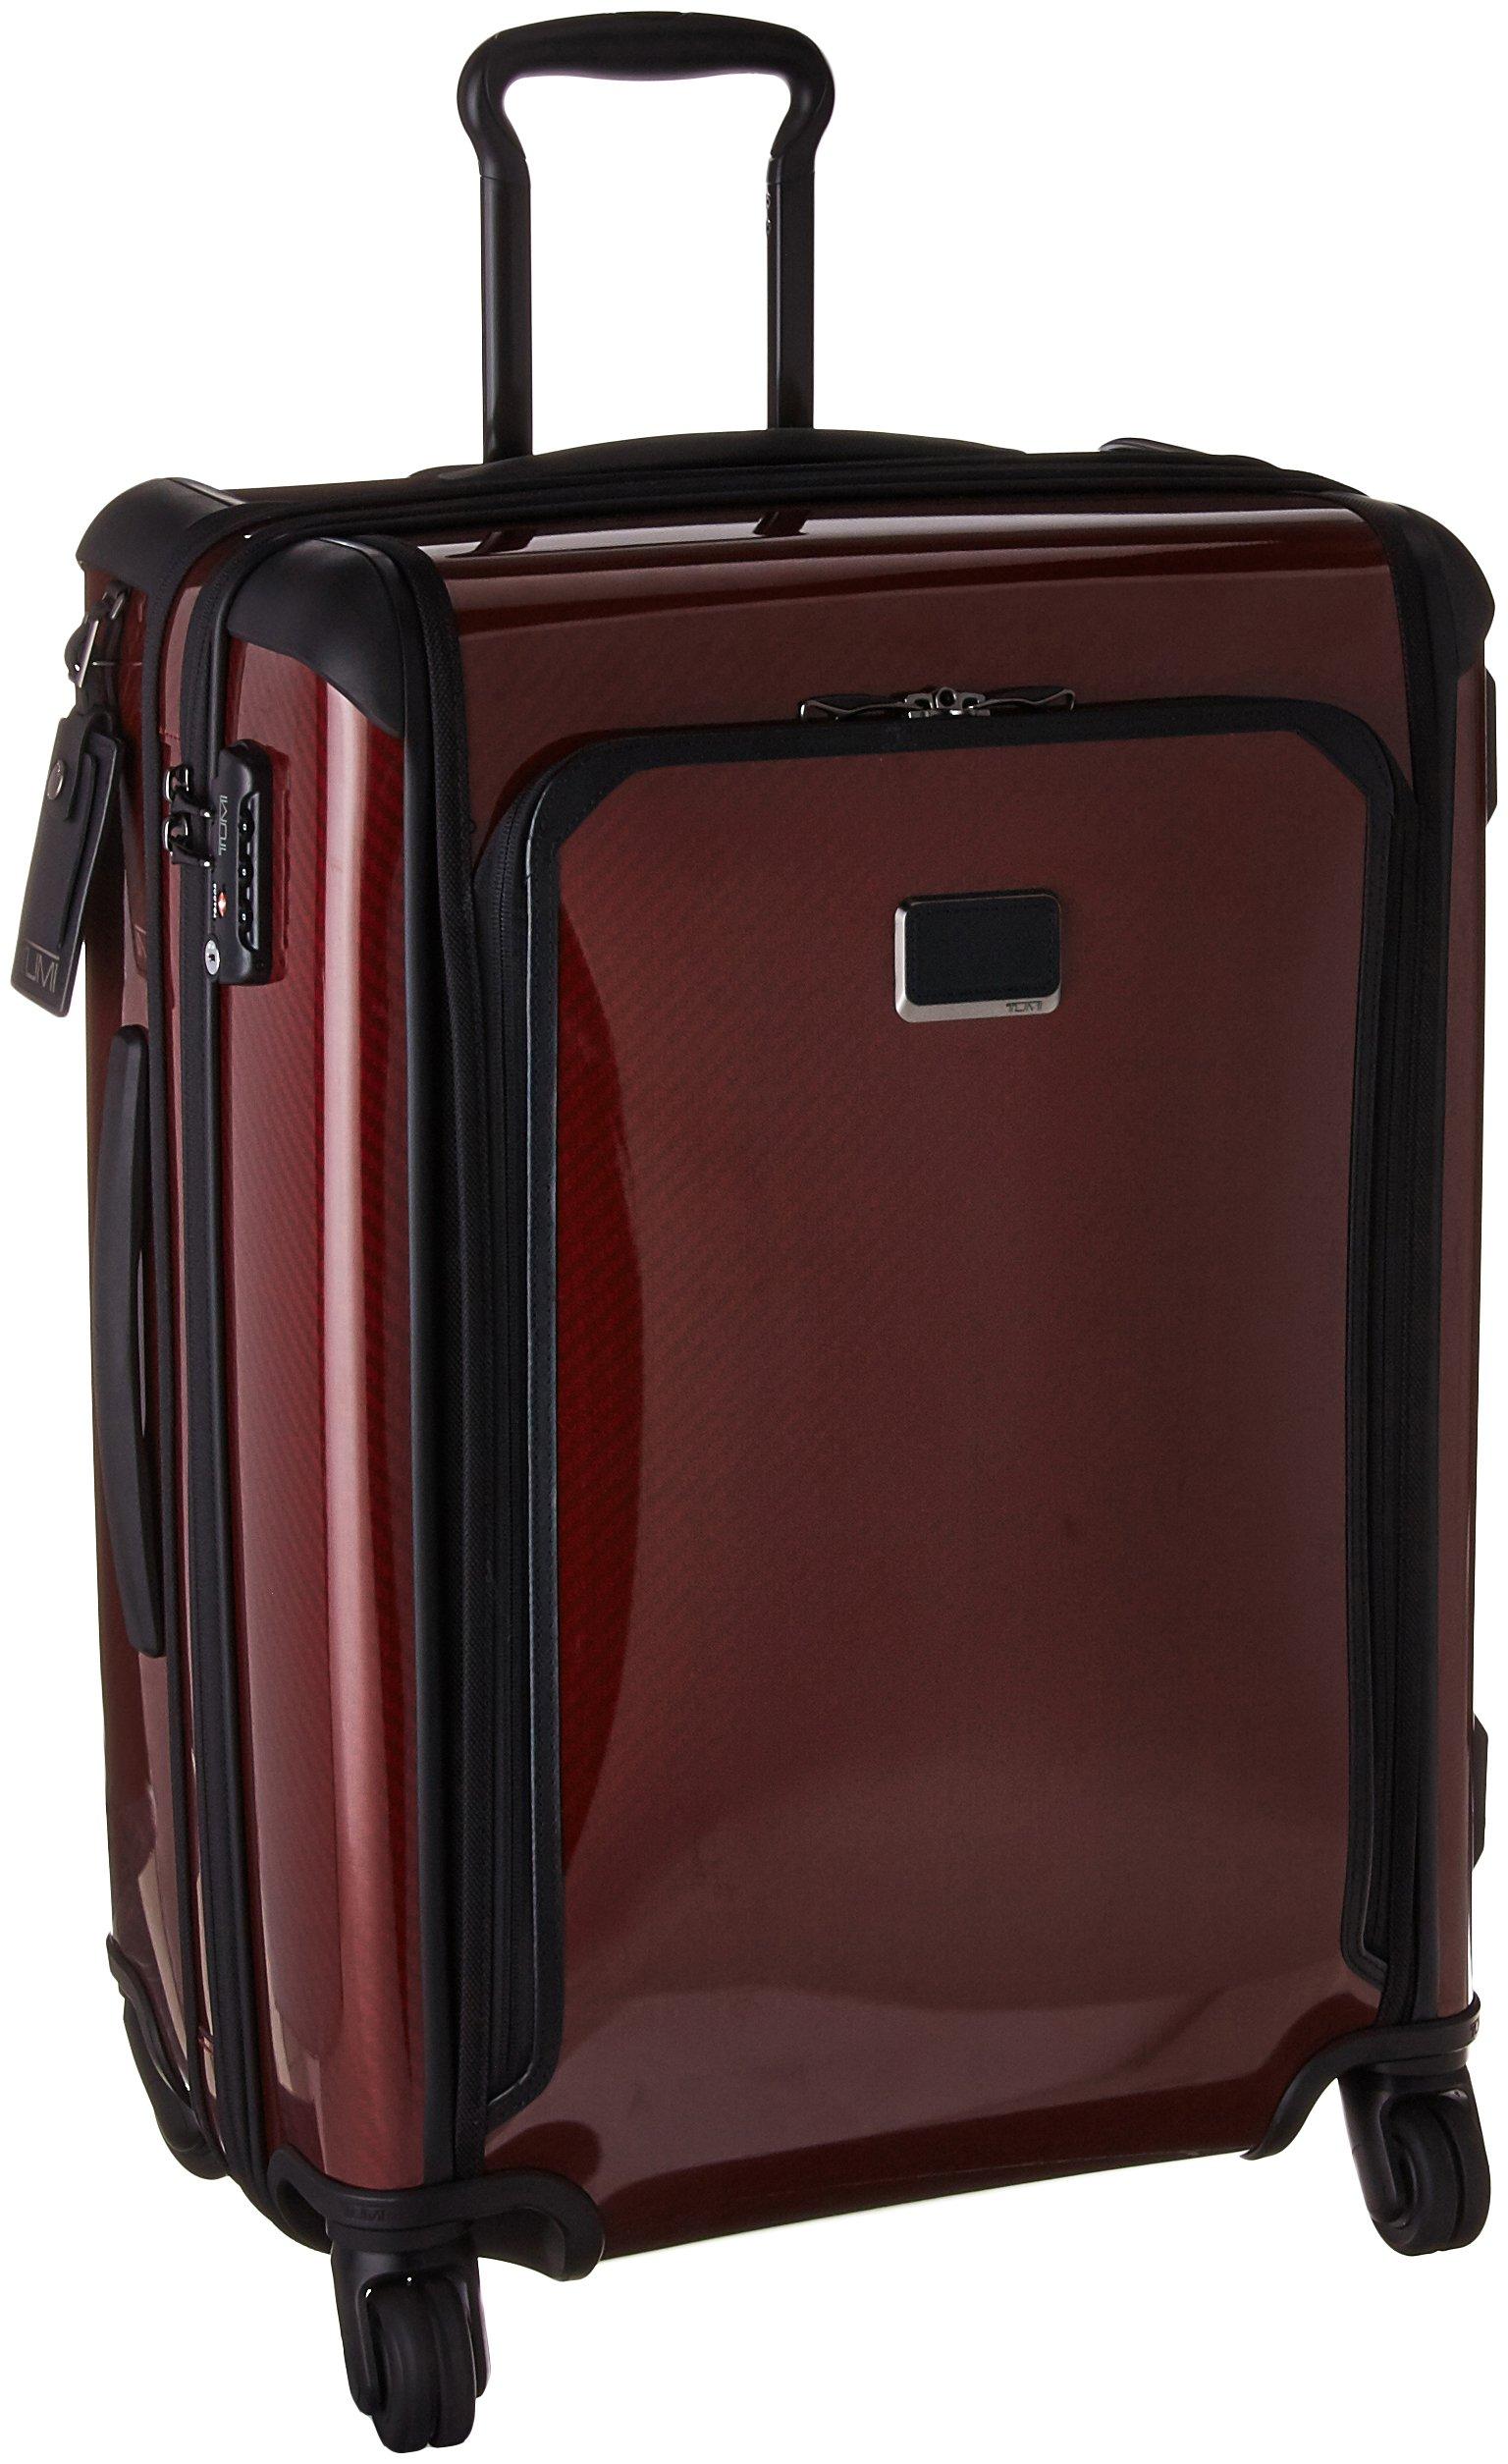 Tumi Tegra Lite Max Large Trip Expandable Packing Case, Crimson